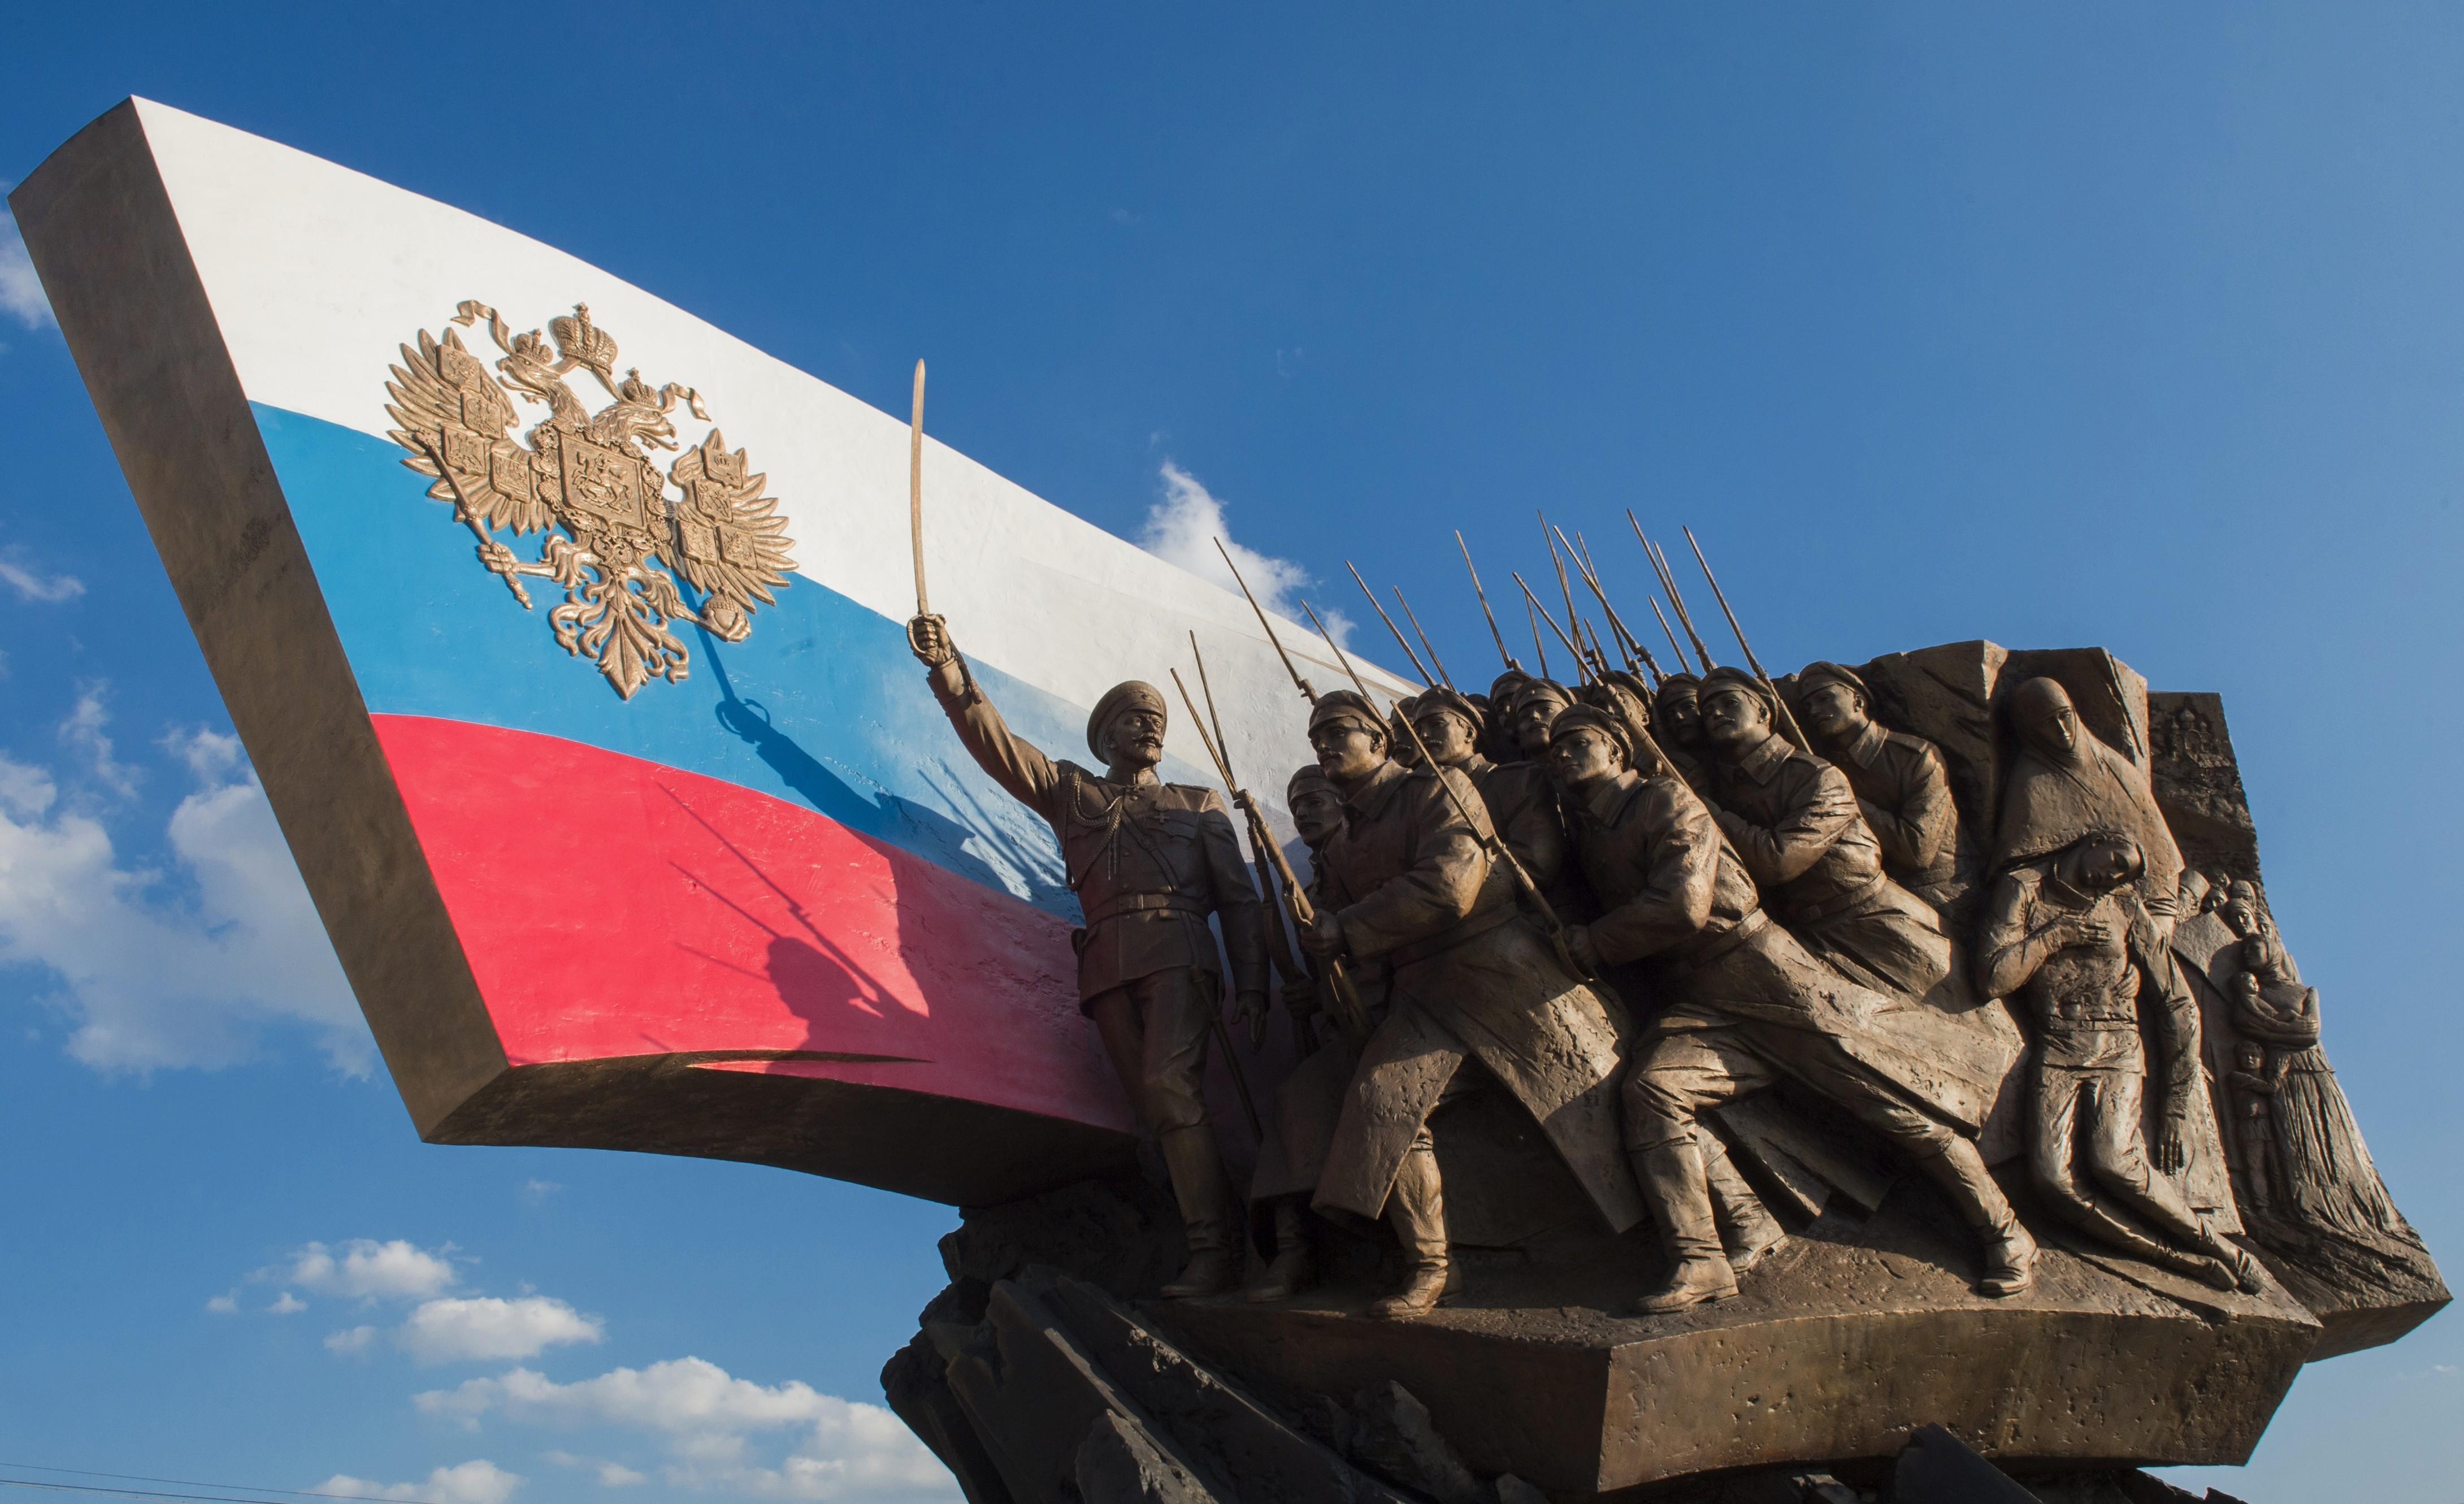 <p>Памятник героям, павшим в годы Первой мировой войны, на Поклонной горе в Москве. Фото: &copy;РИА Новости/Сергей Гунеев</p>